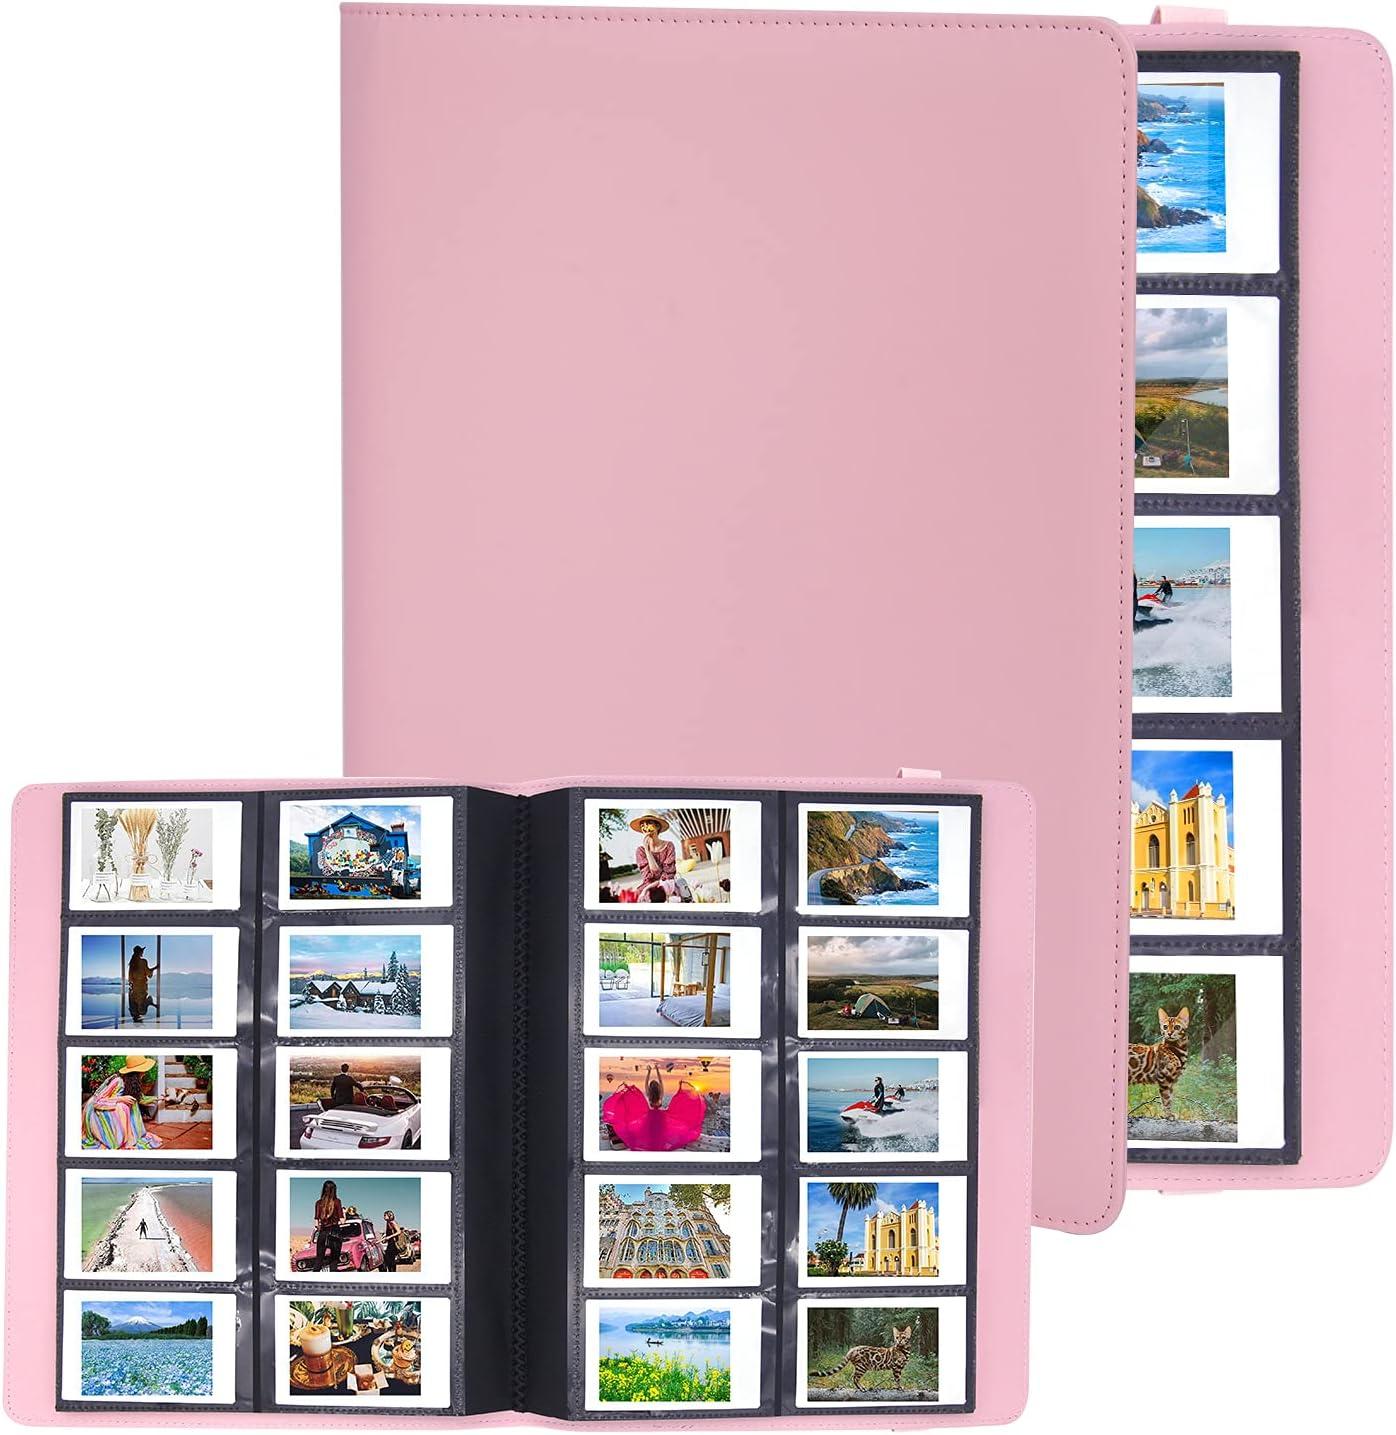 400 Pockets Photo Album Albuquerque Mall for Camera Polaroi Mini Max 83% OFF Instax Fujifilm